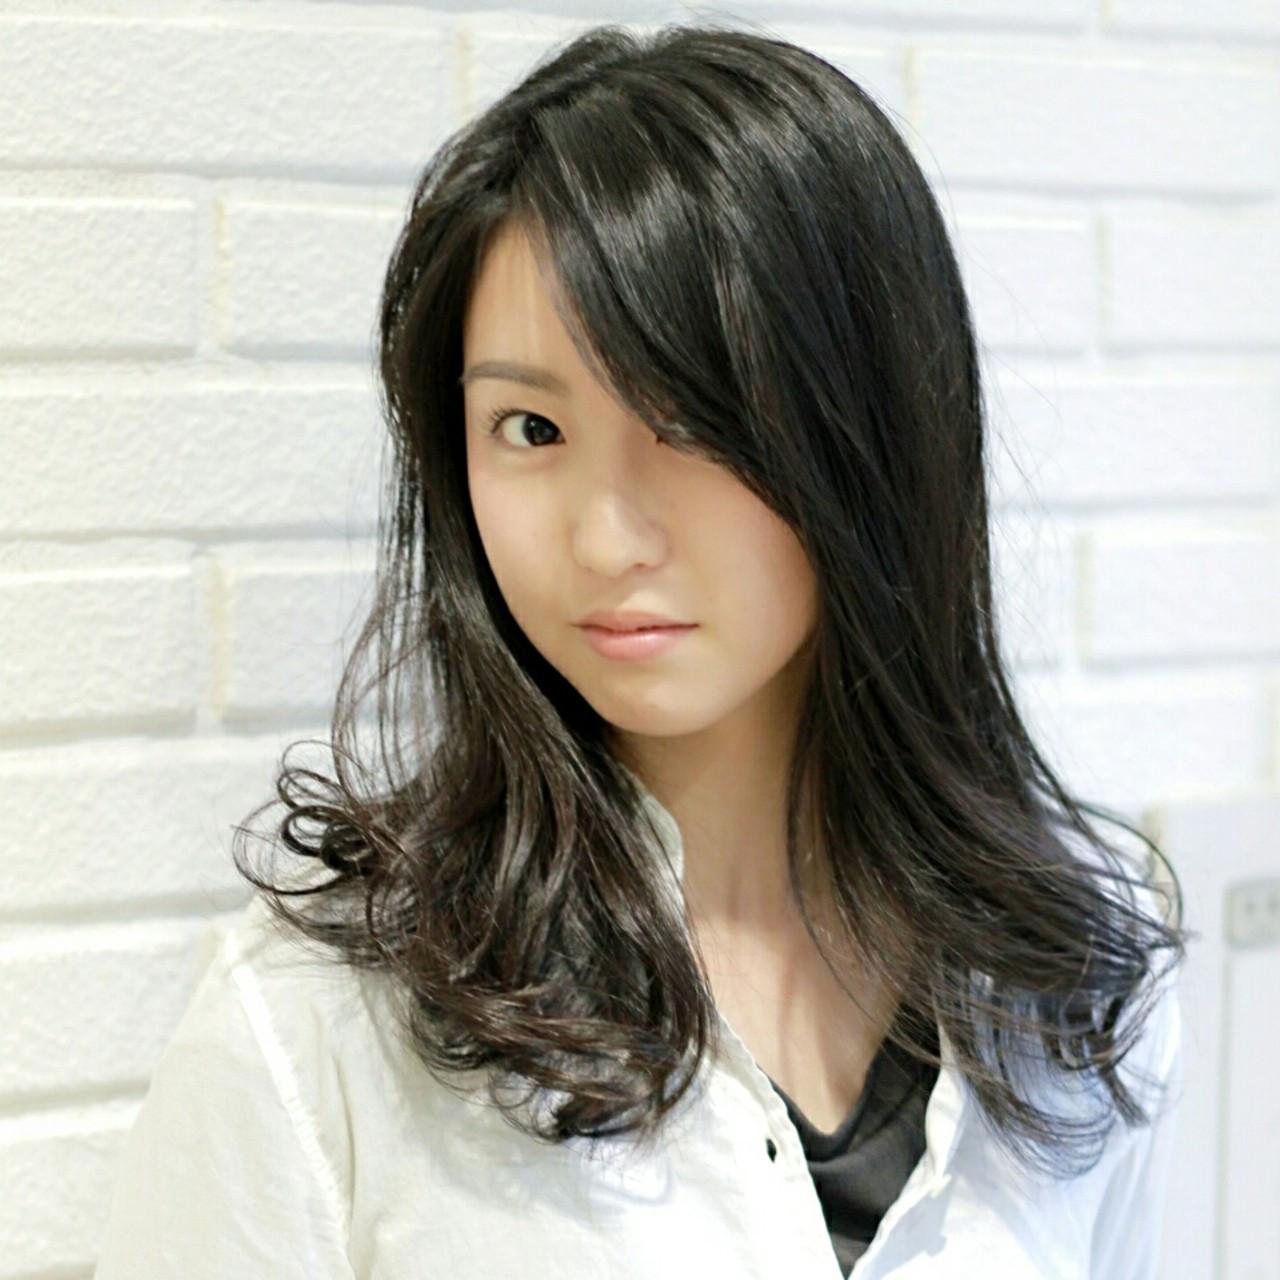 黒髪がおしゃれすぎる!誰もが似合うセミディ丈にチェンジしよう 横徳憲史